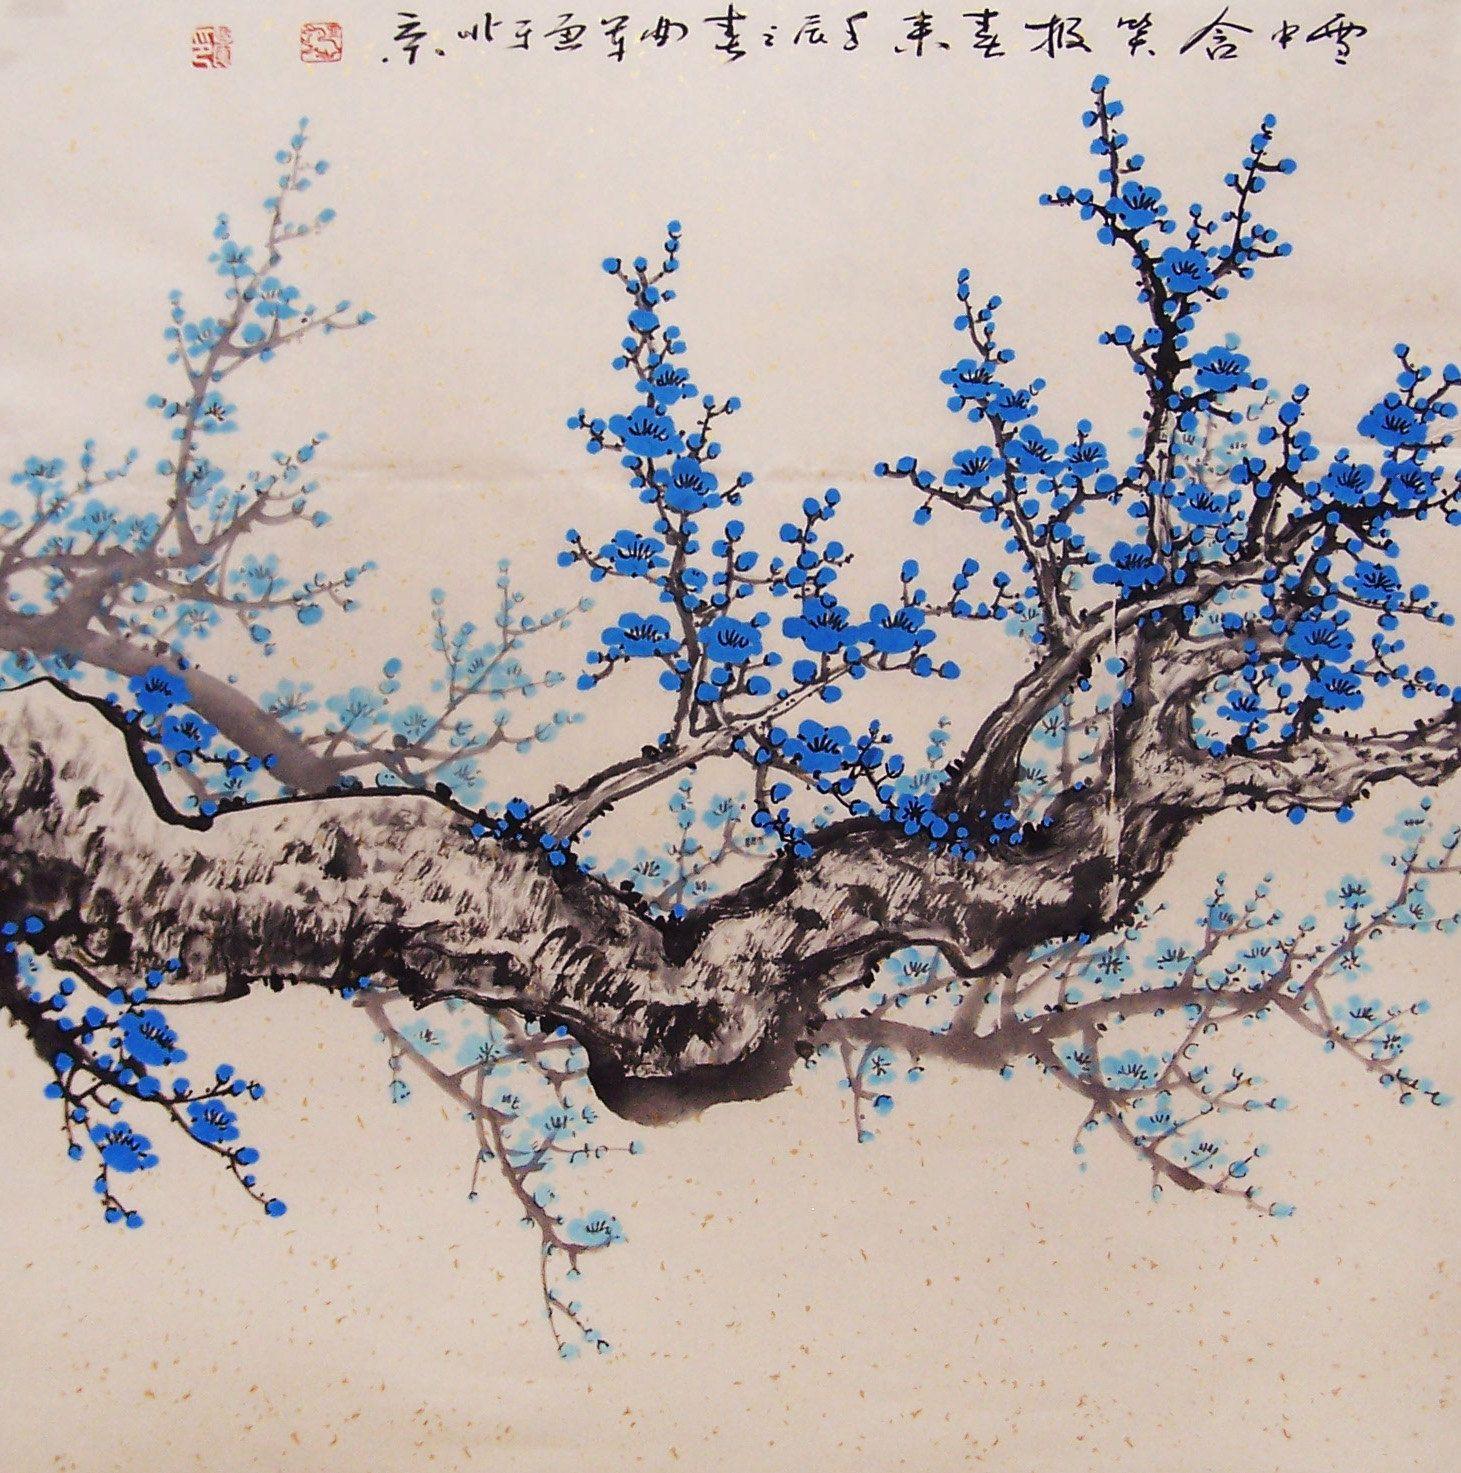 Chinese Artwork Cherry Blossom Painting Original Painting Chinese Art Oriental Art Cherry Blossom Painting Oriental Art Chinese Artwork